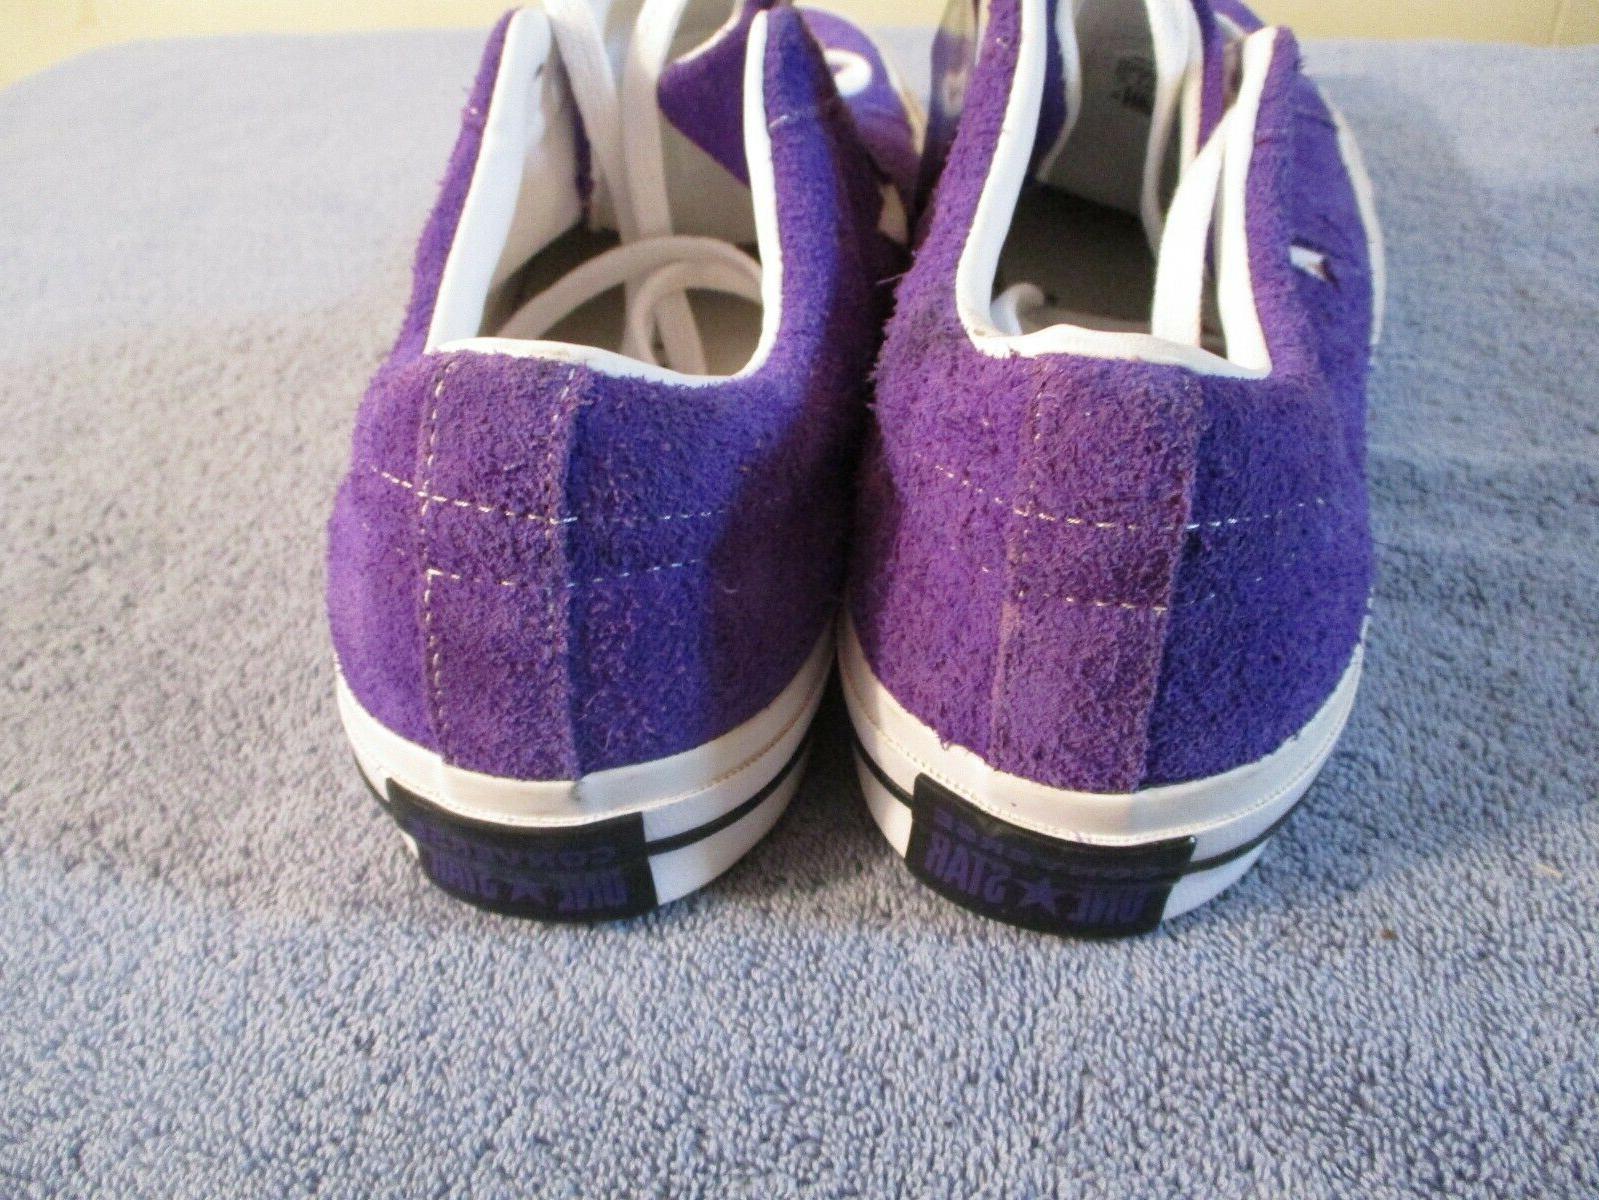 NWT One Purple Sz 10.5 Basketball Shoes